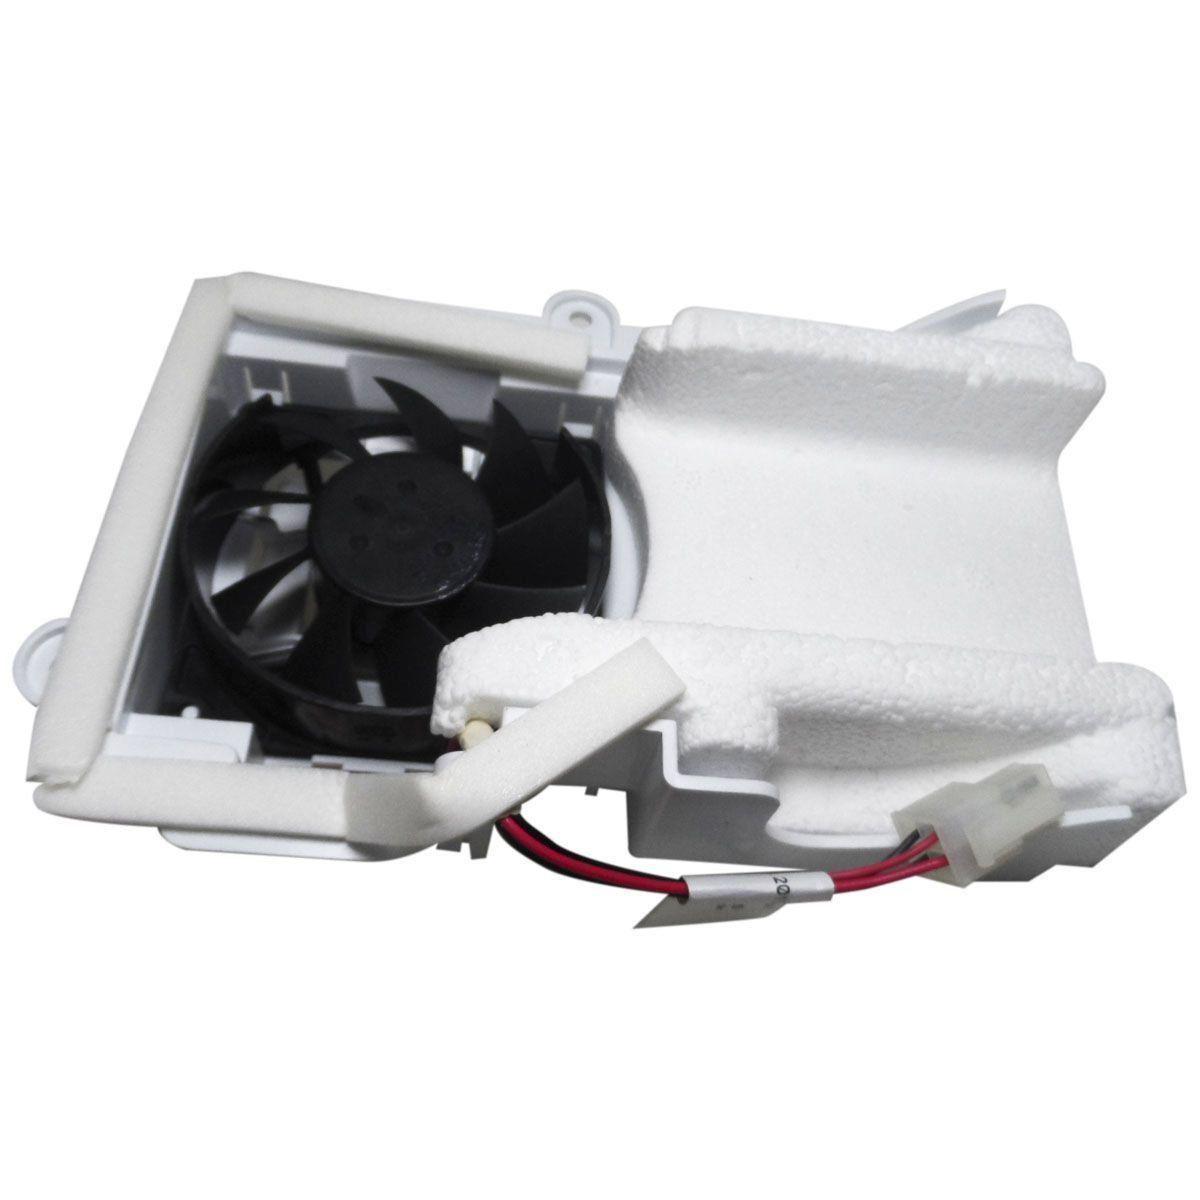 Conjunto Duto Espaço Express Refrigerador Electrolux 70295128